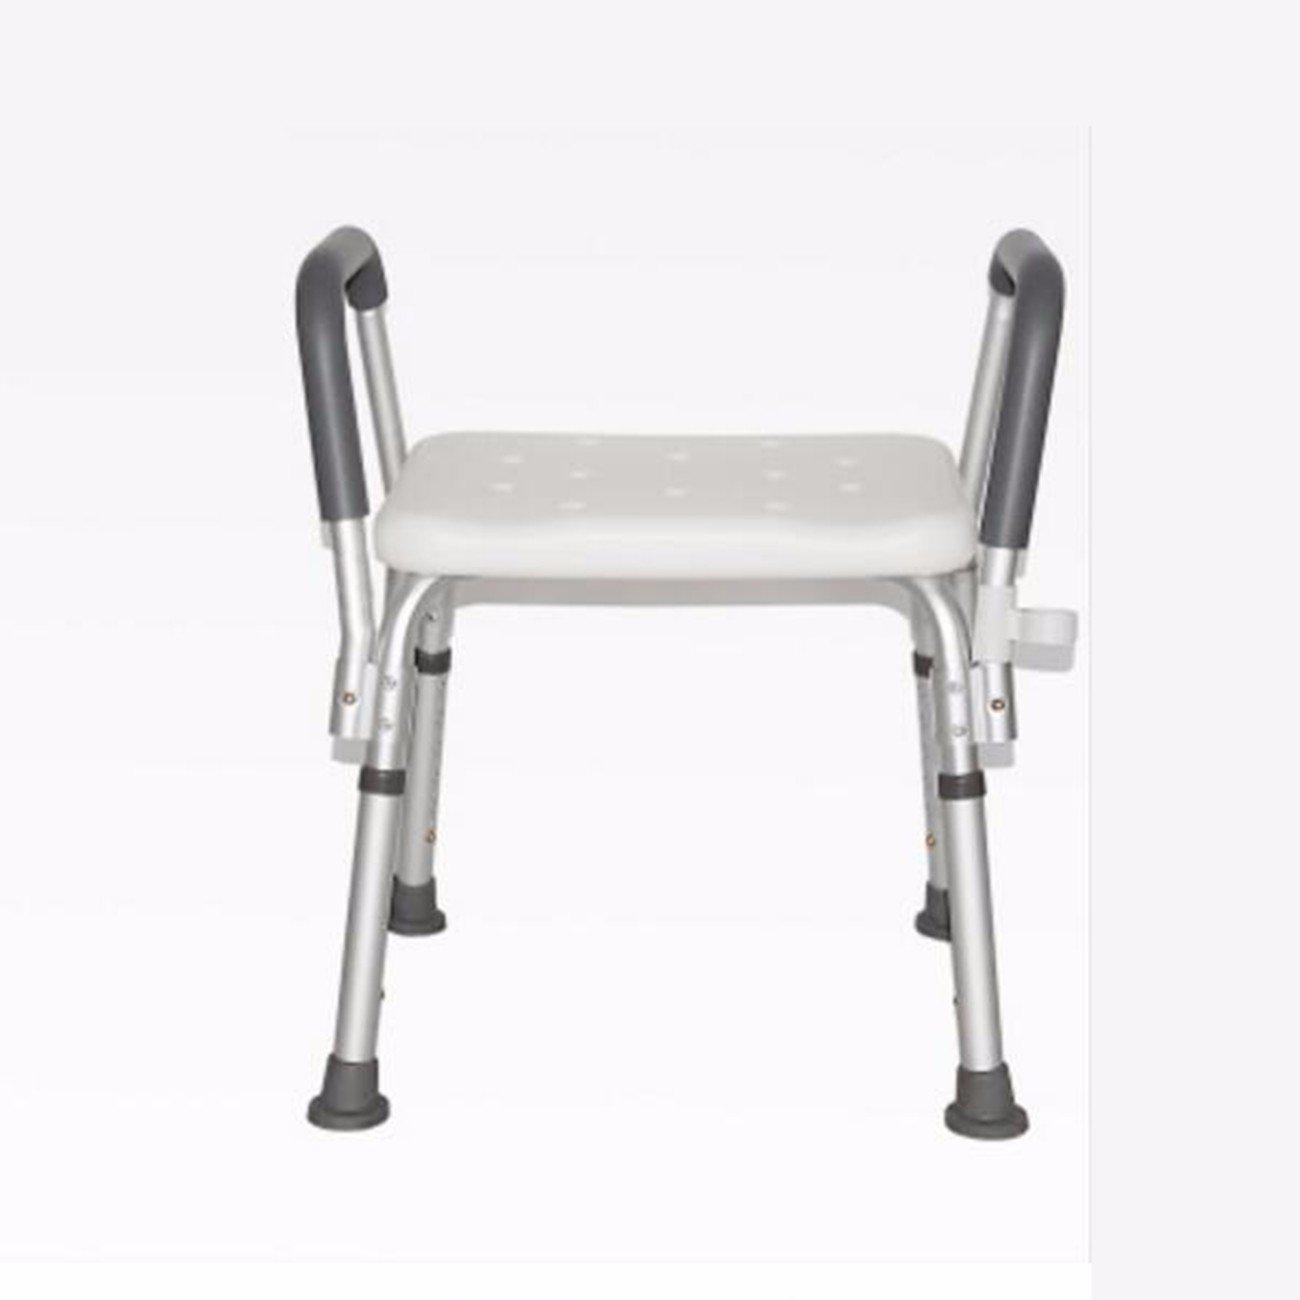 お年寄りのお風呂と椅子のシャワー椅子、身体障害者入浴椅子,d B07FDZ86BK D D